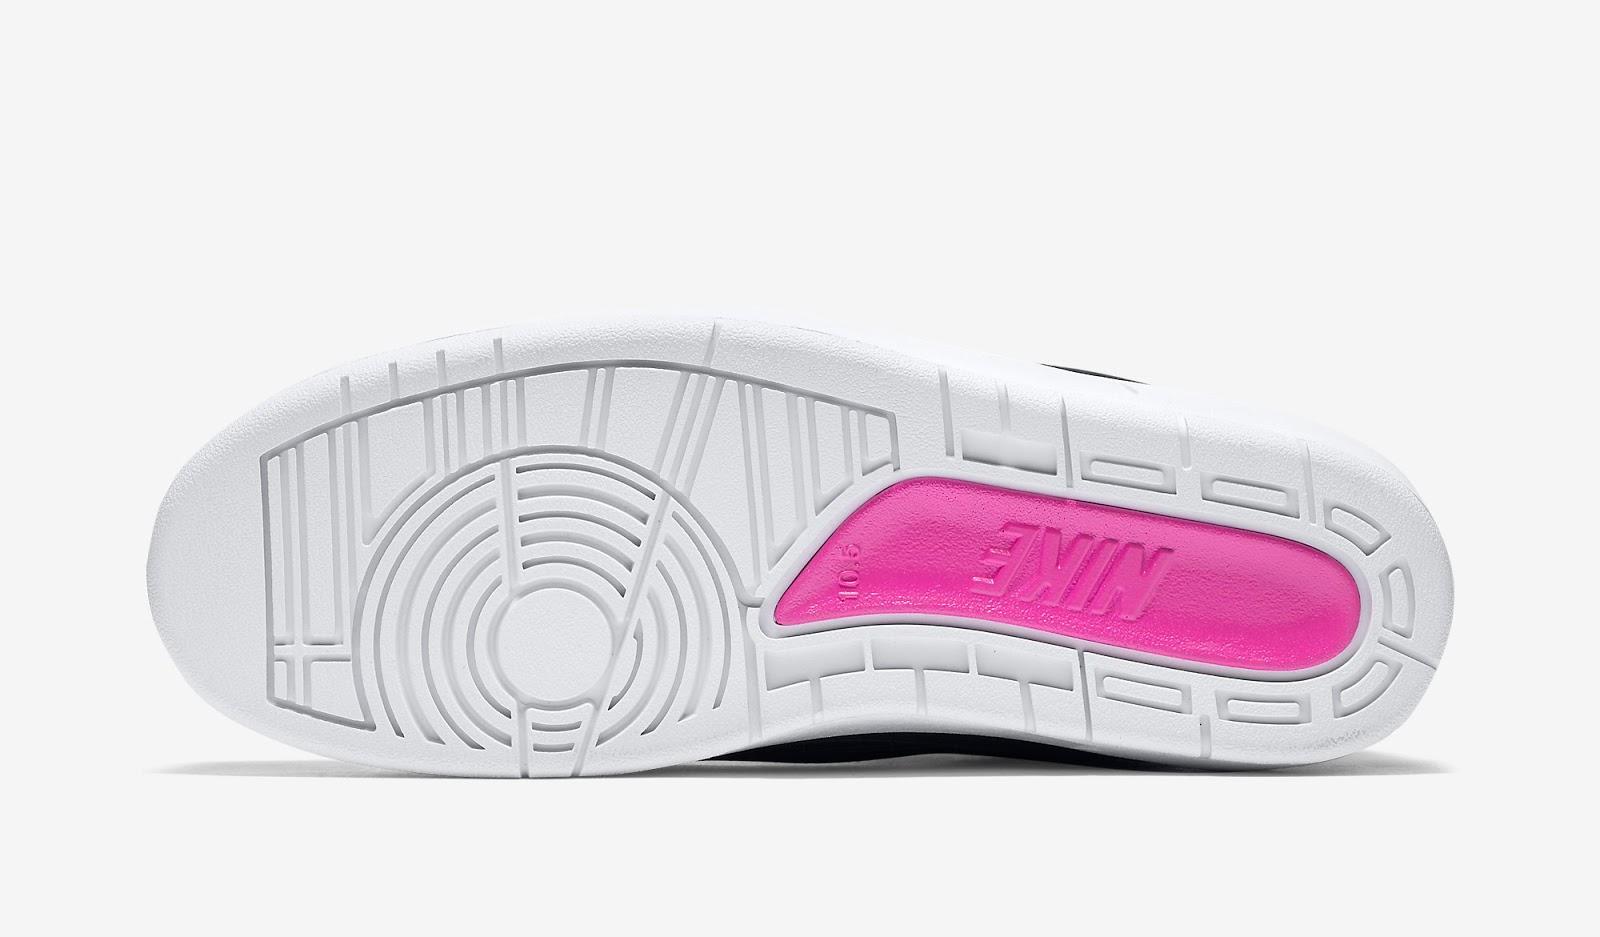 8243feff931899 ajordanxi Your  1 Source For Sneaker Release Dates  Air Jordan 2 ...